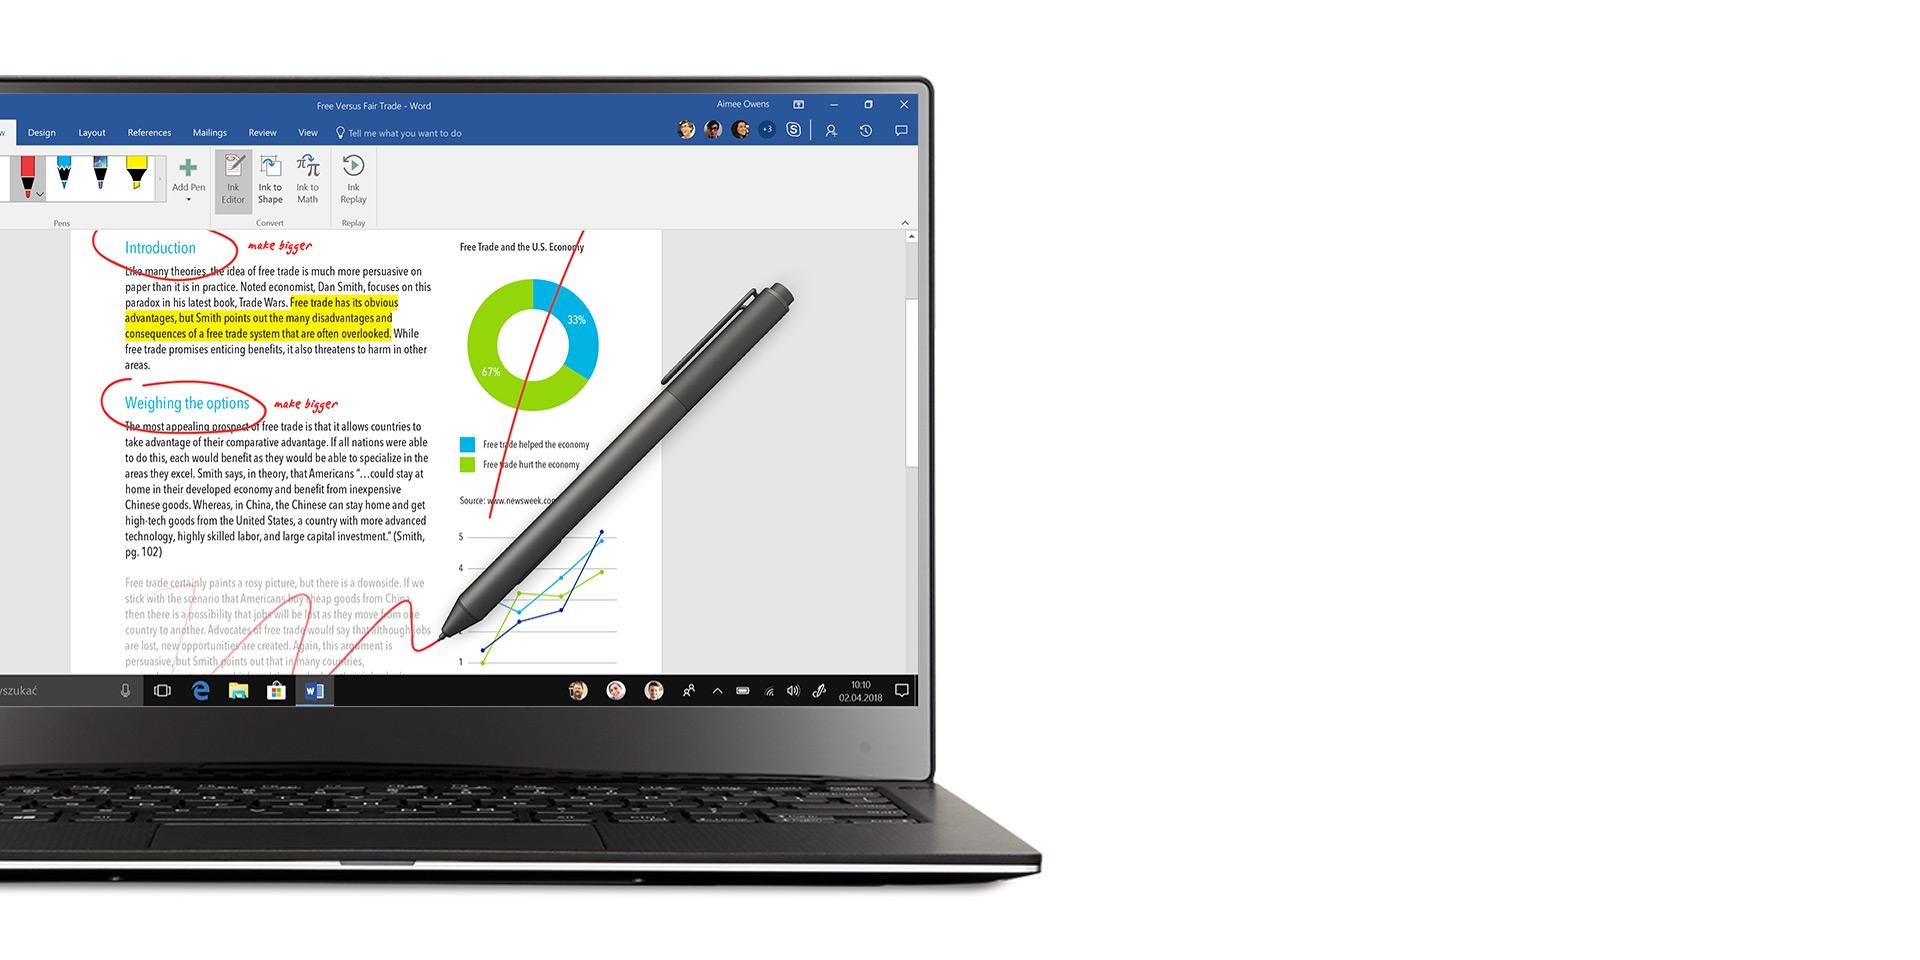 Laptop z systemem Windows 10 wyświetlający okno aplikacji Word